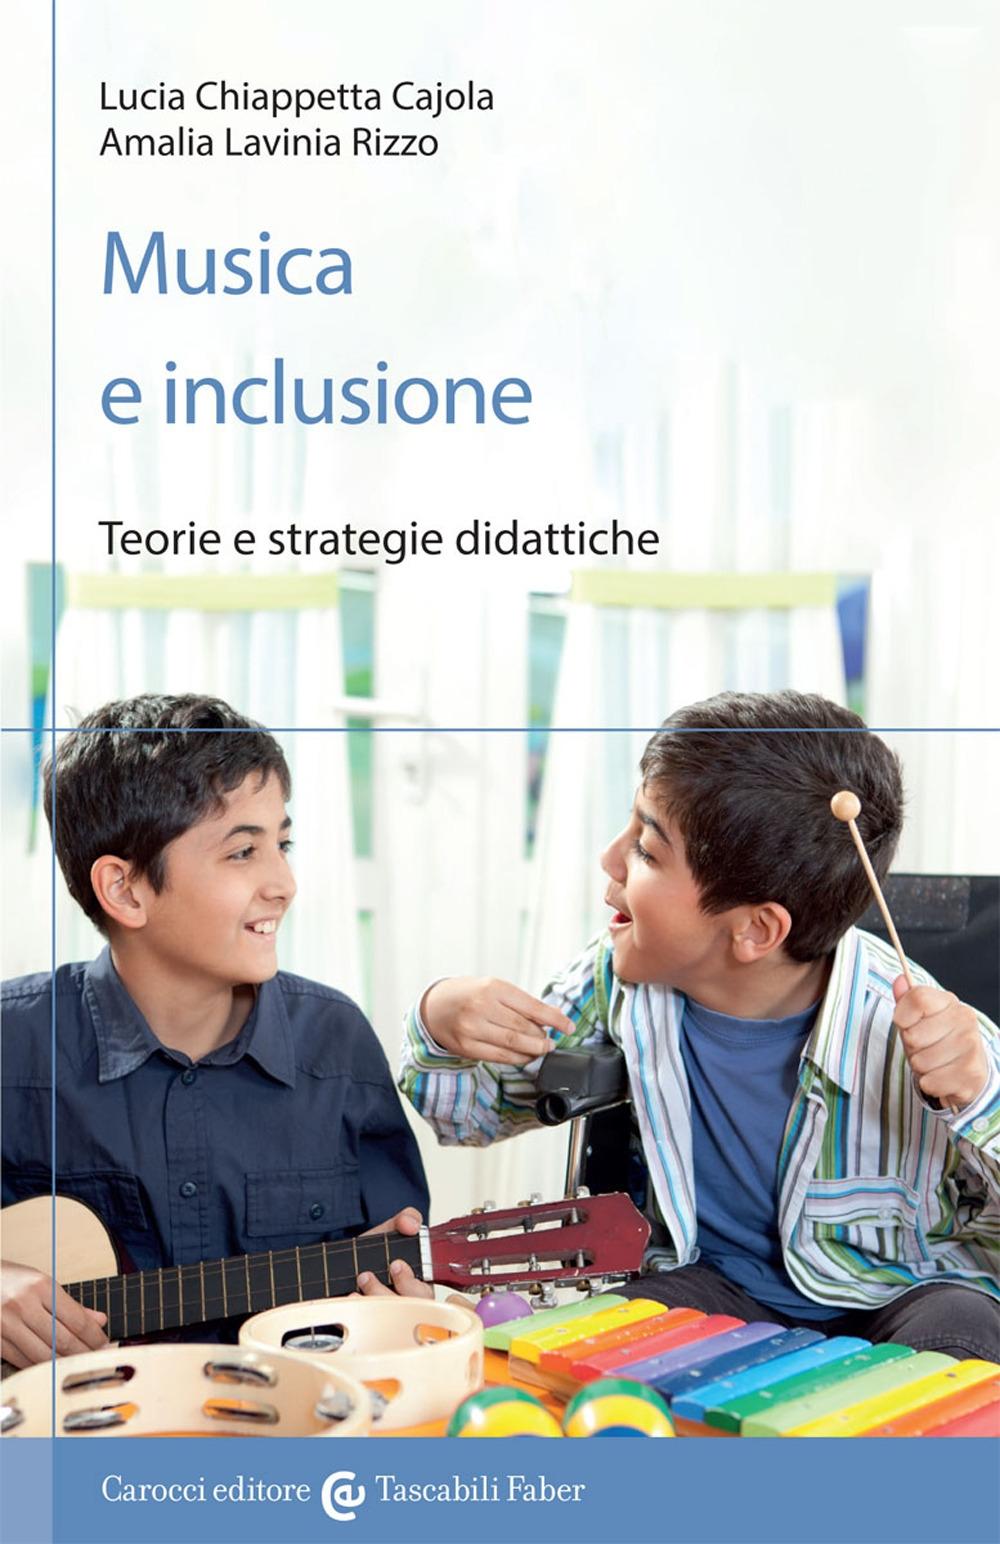 Musica e inclusione. Teorie e strategie didattiche.